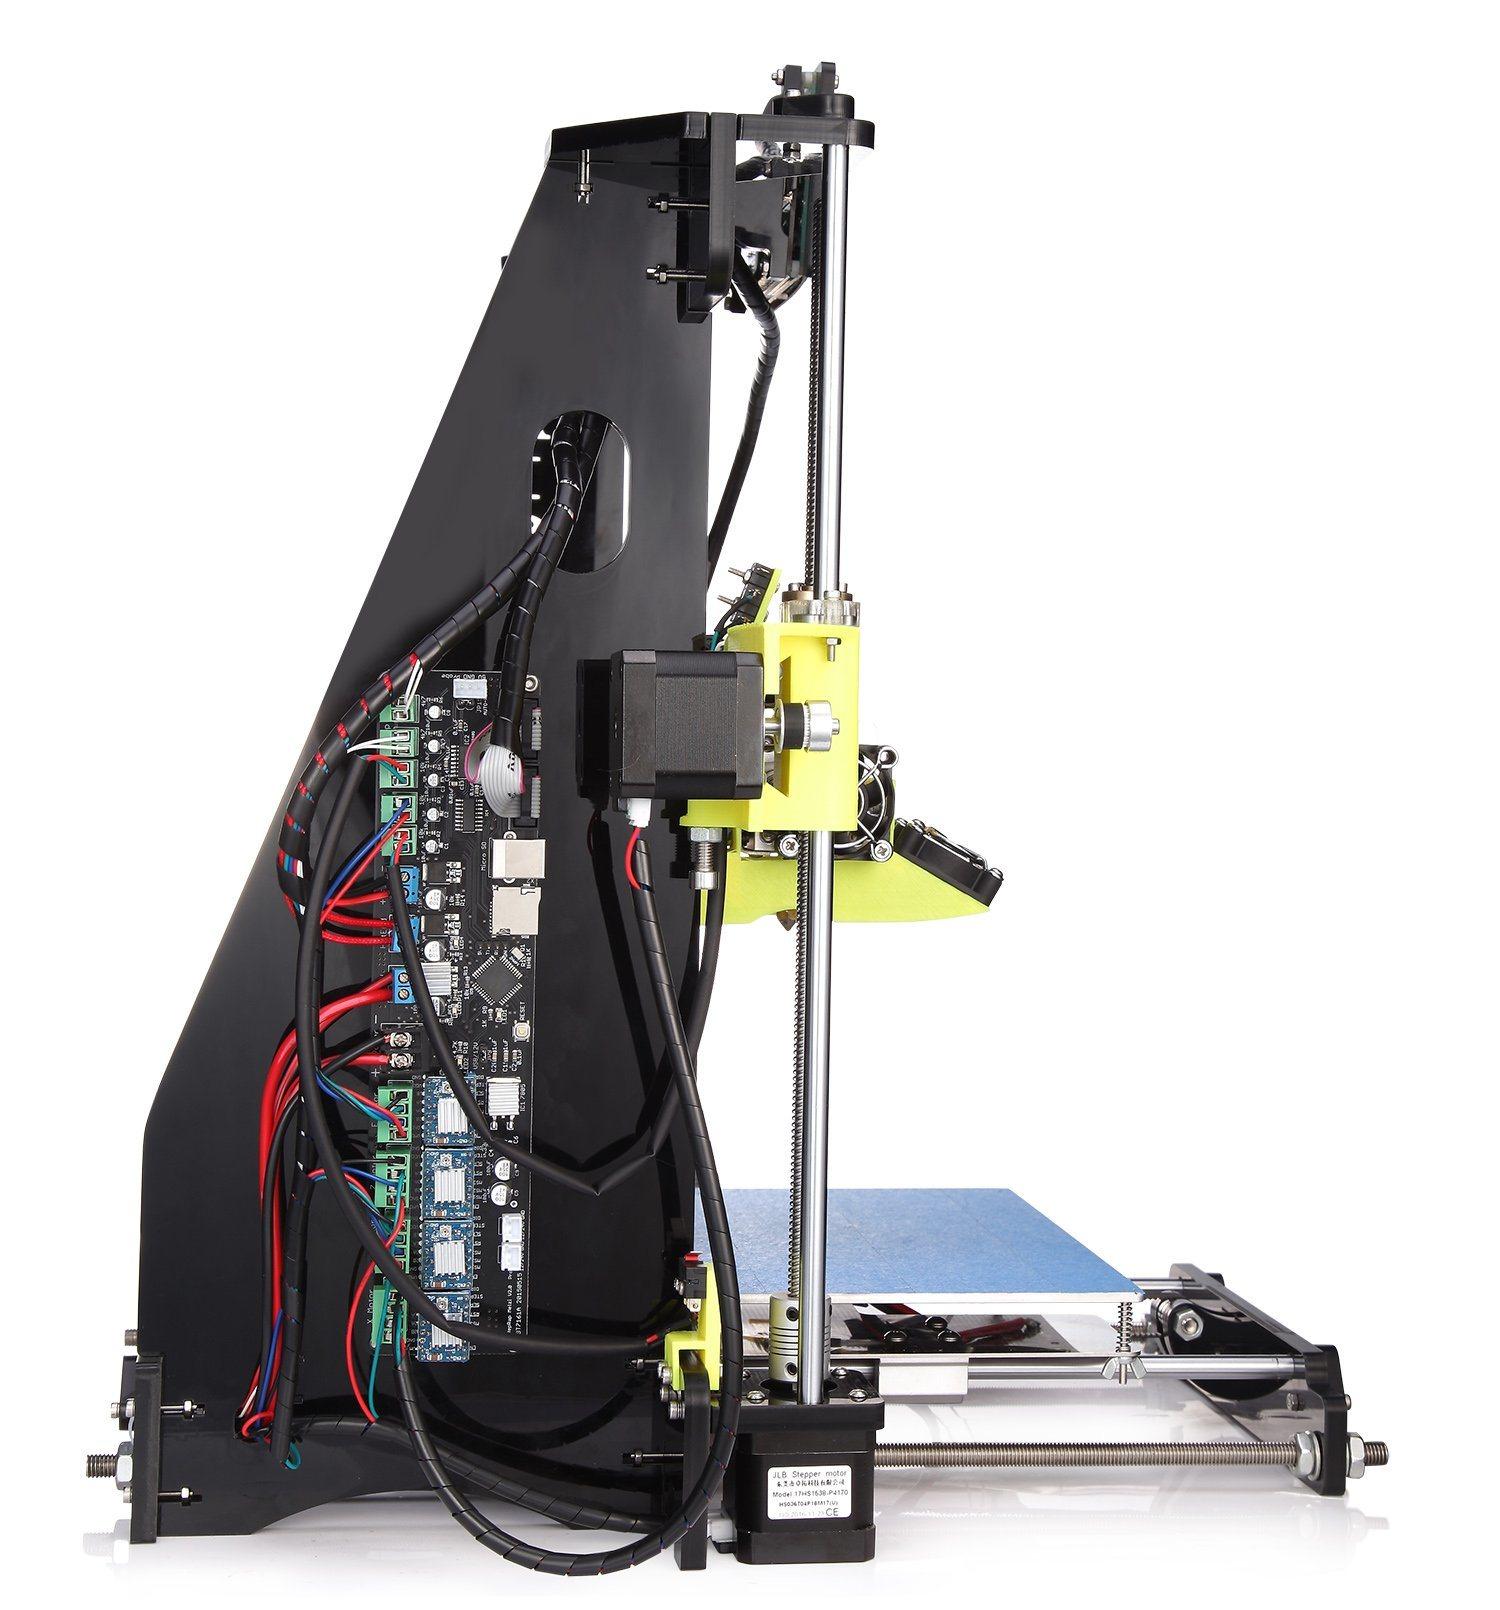 Hot Sale Reprap Prusa I3 Rapid Prototype Fdm 3D Printer